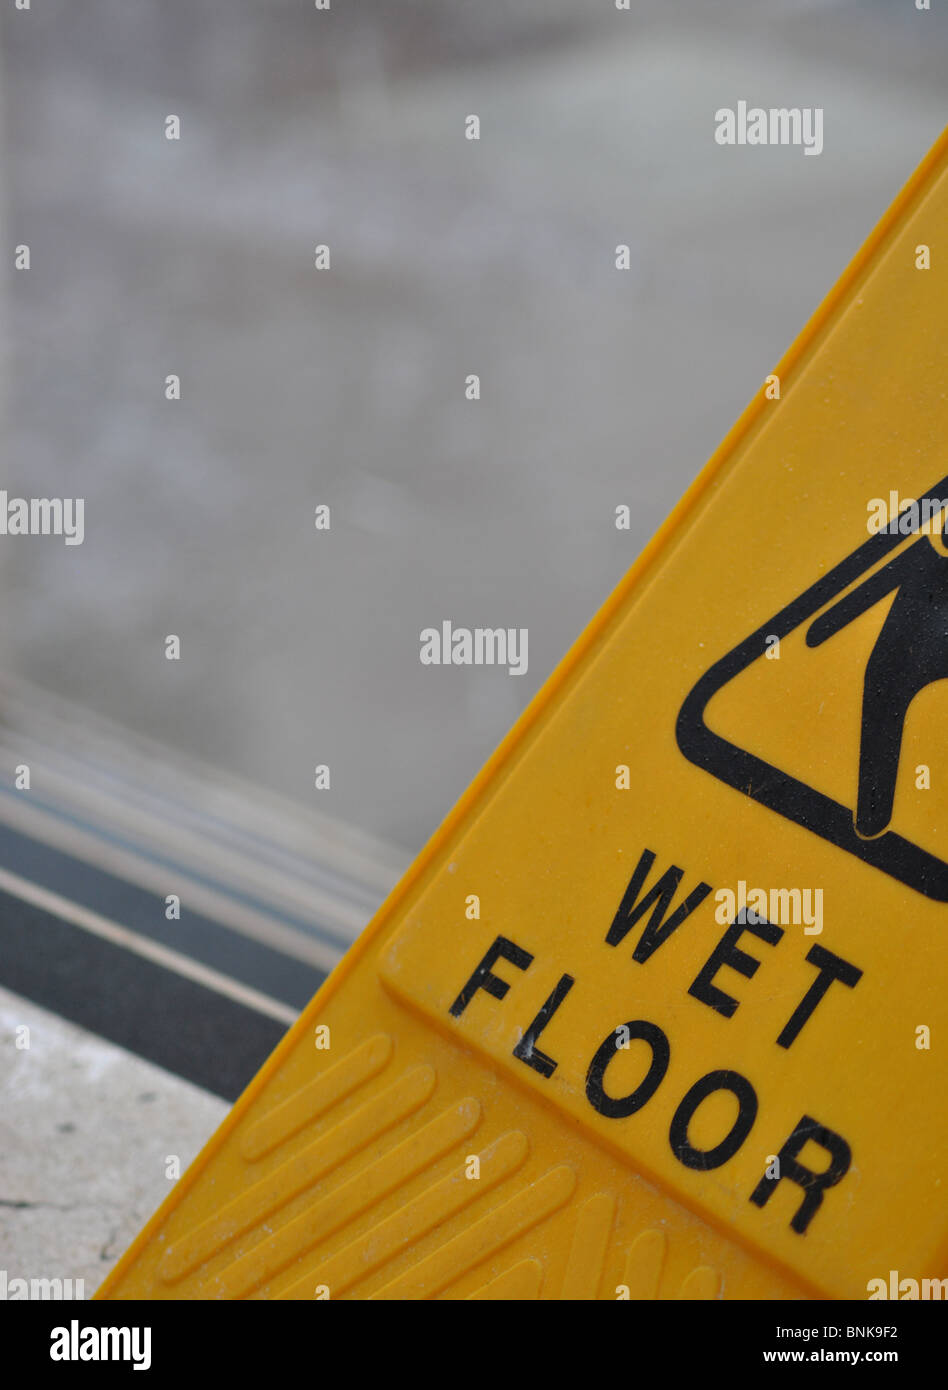 Wet floor sign, England - Stock Image